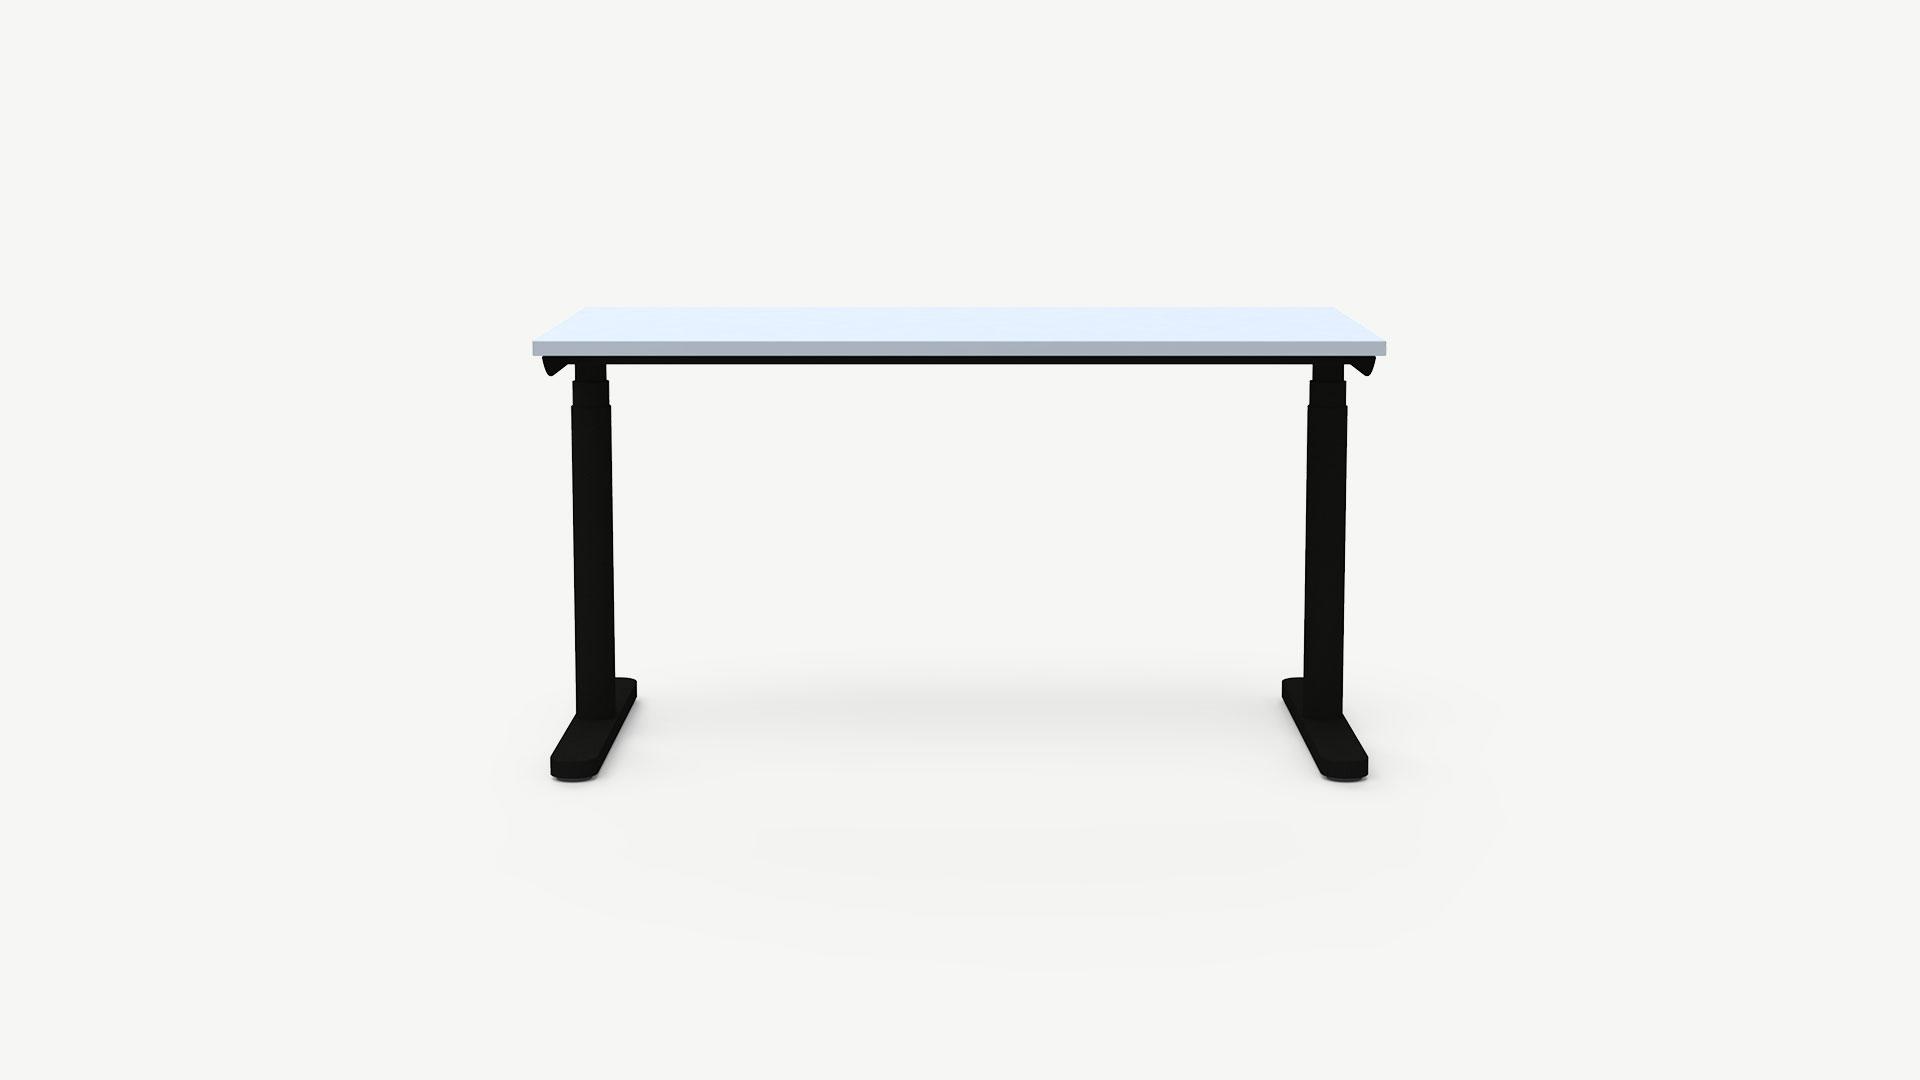 Nowy Styl manuell höhenverstellbarer Schreibtisch Play & Work, T-Fuß-Gestell